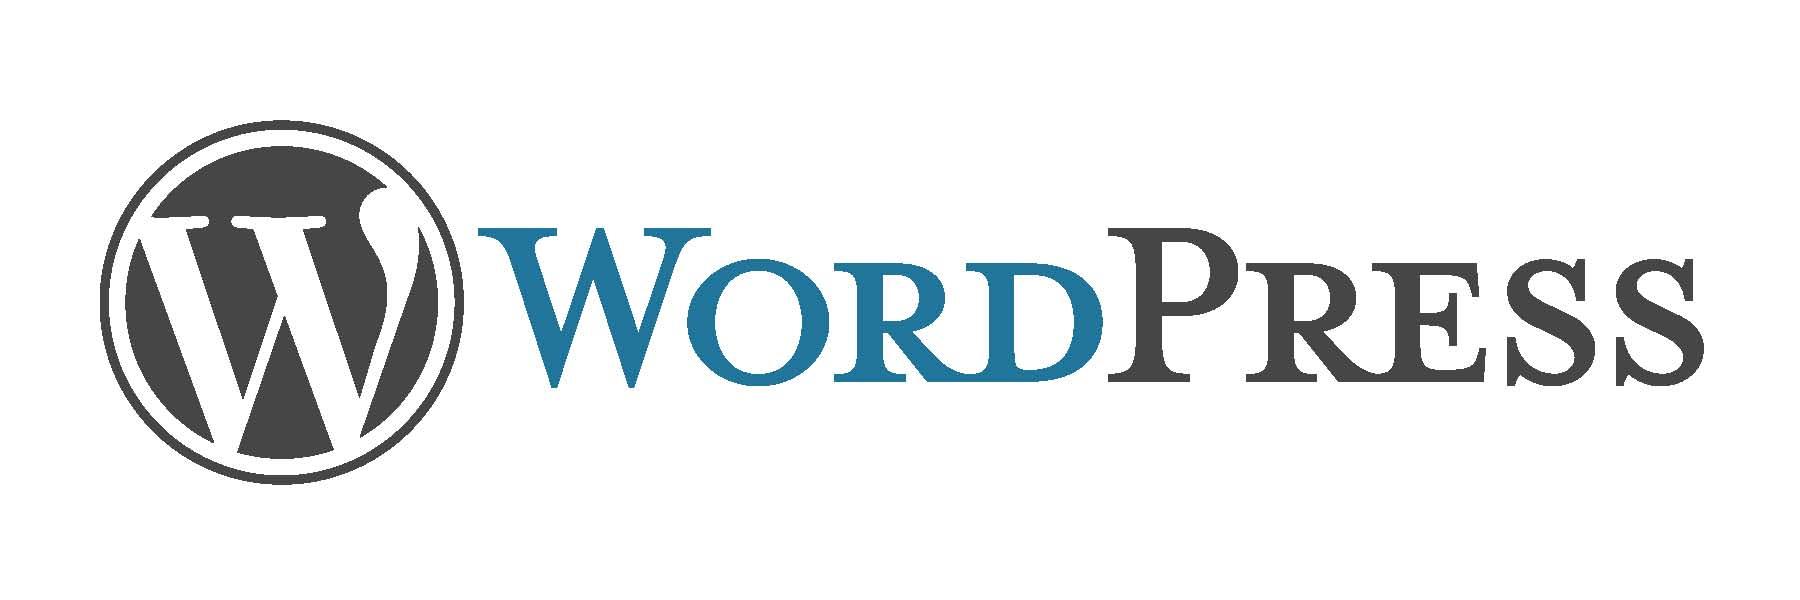 Wordpress: le CMS le plus utilisé dans le monde